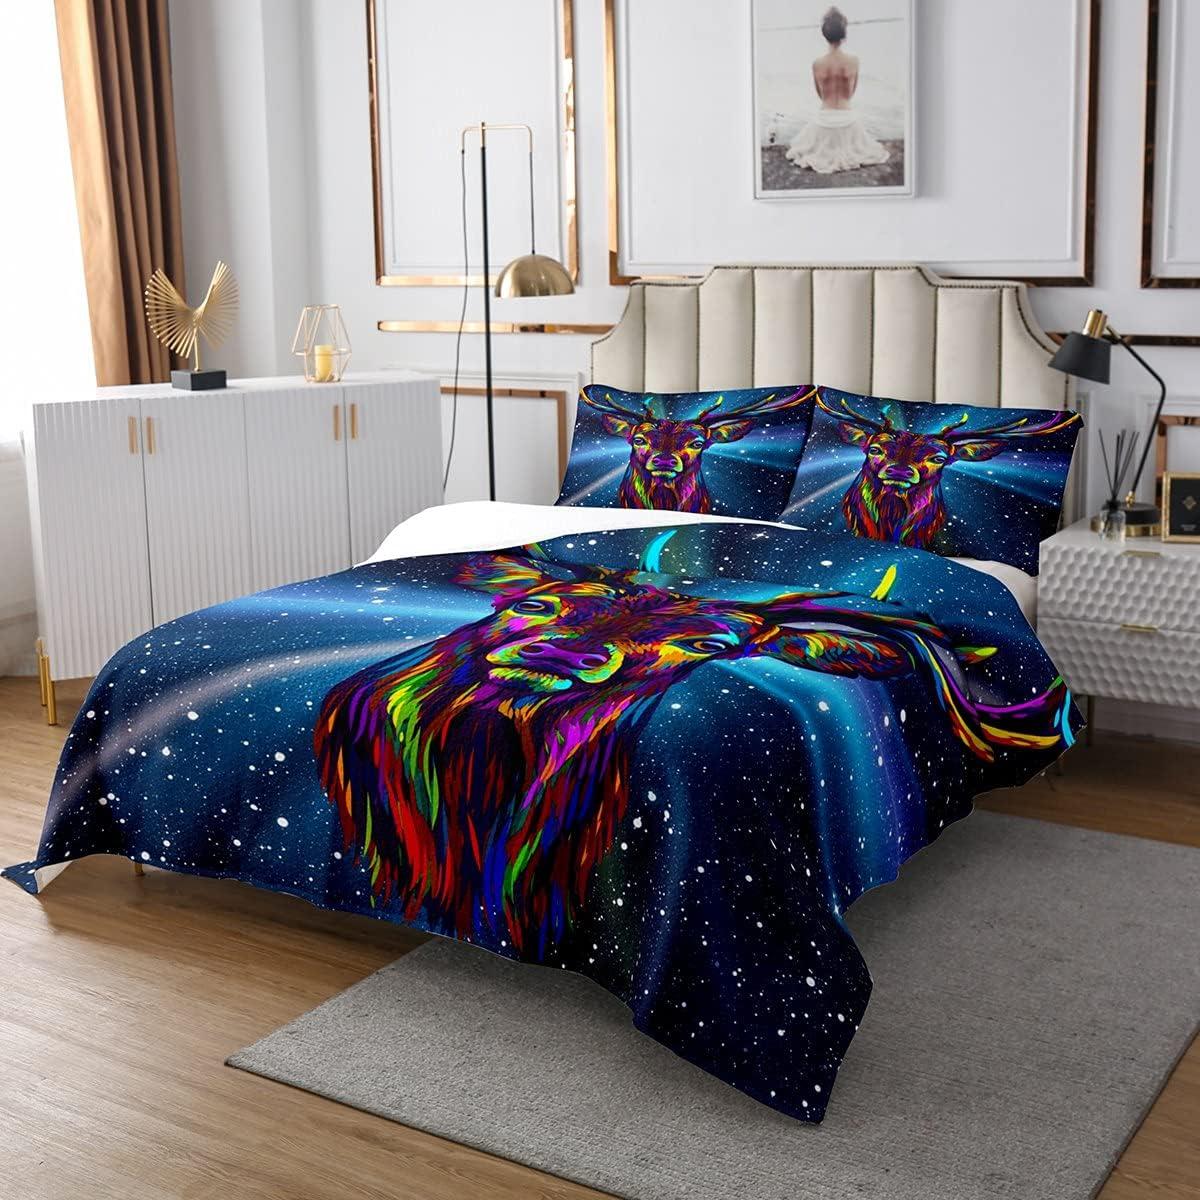 Erosebridal Deer Bedding Set Antlers Bedspread Elegant Starry Galaxy price Sky